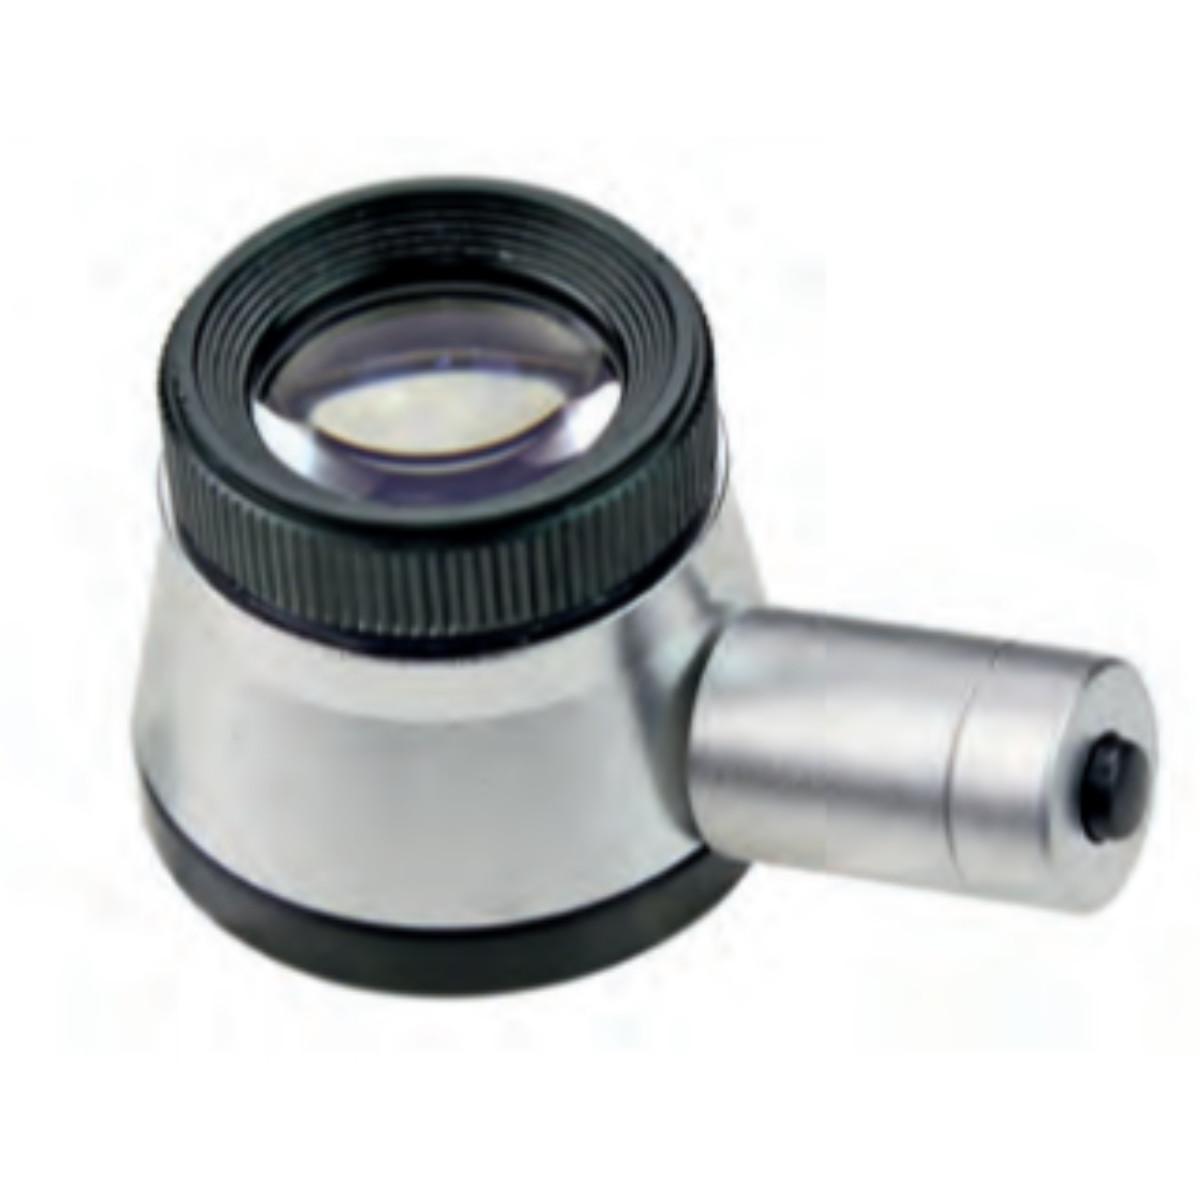 MIB præsions lup med LED lys og skala 6X forstørrelse, aflæsning 0,1 mm